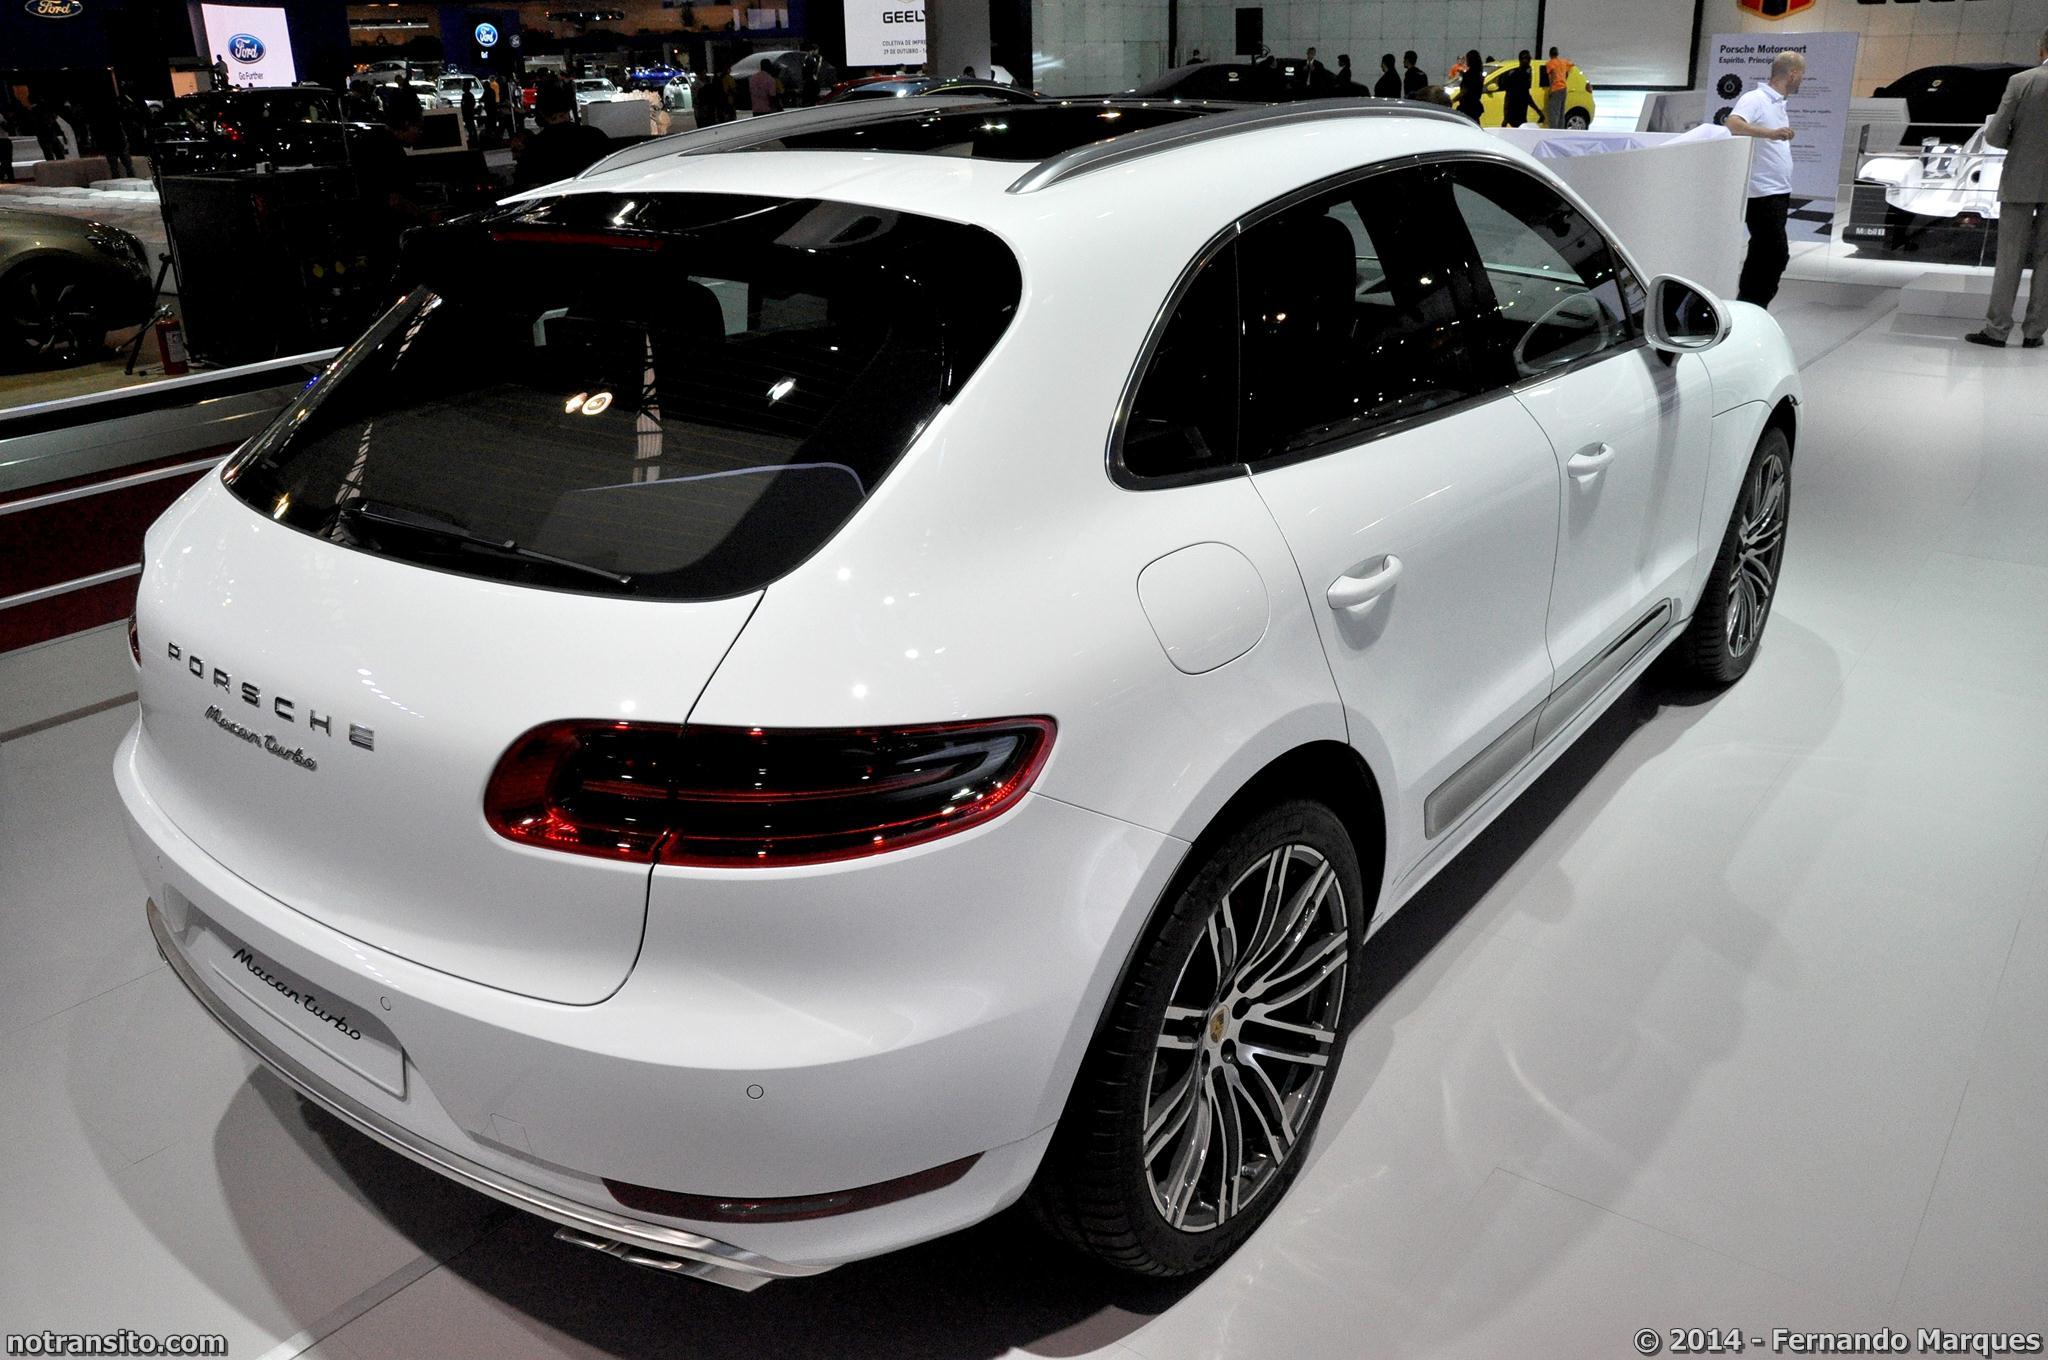 Salão do Automóvel de São Paulo 2014, 28º Salão do Automóvel de São Paulo, Porsche Macan Turbo White